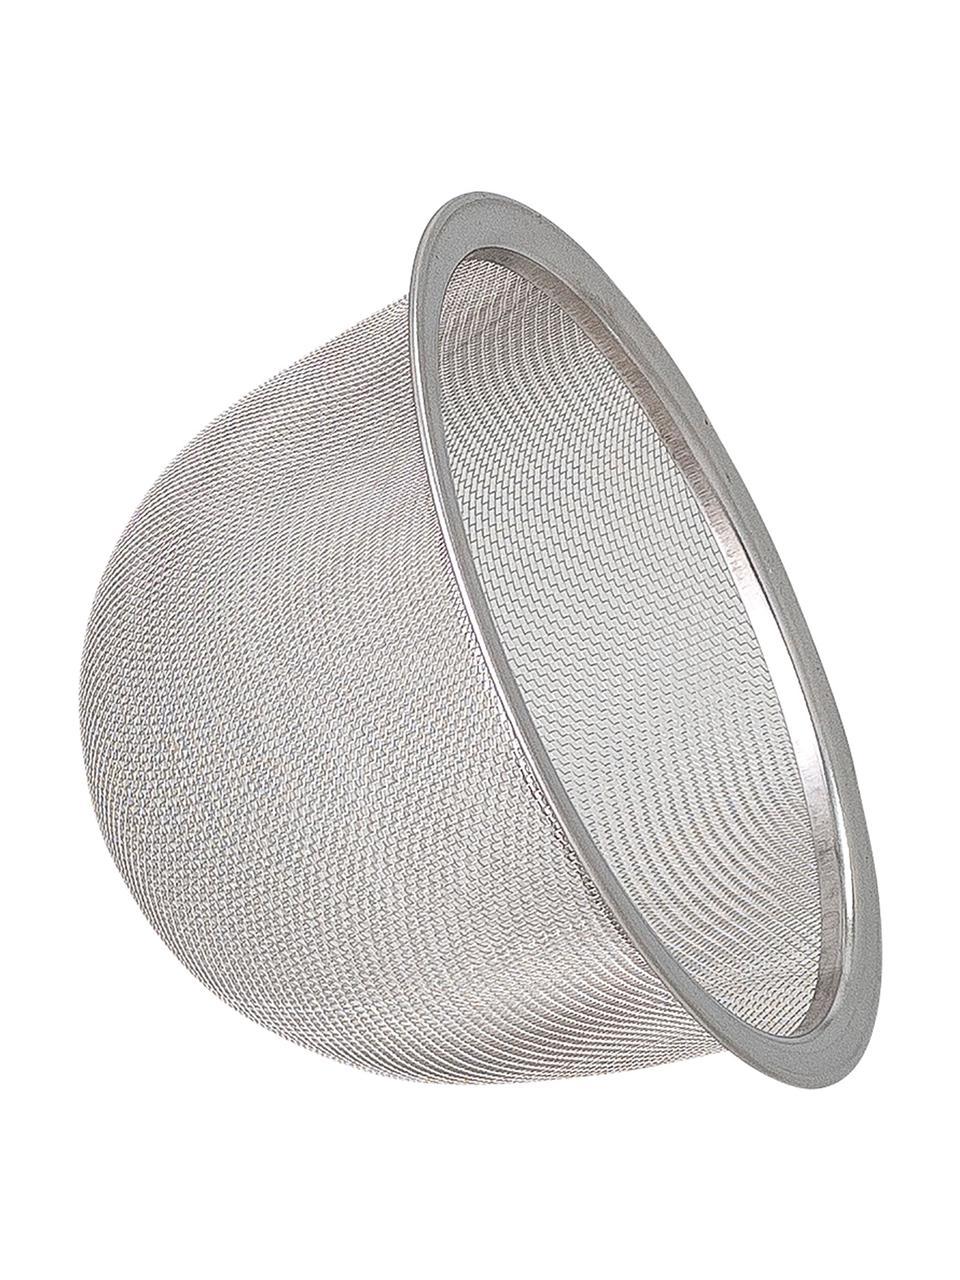 Handgemachte Porzellan Teekanne Aura mit Teesieb und Bambusgriff, 1 L, Kanne: Porzellan, Griff: Bambus, Beige- und Blautöne, 1 L